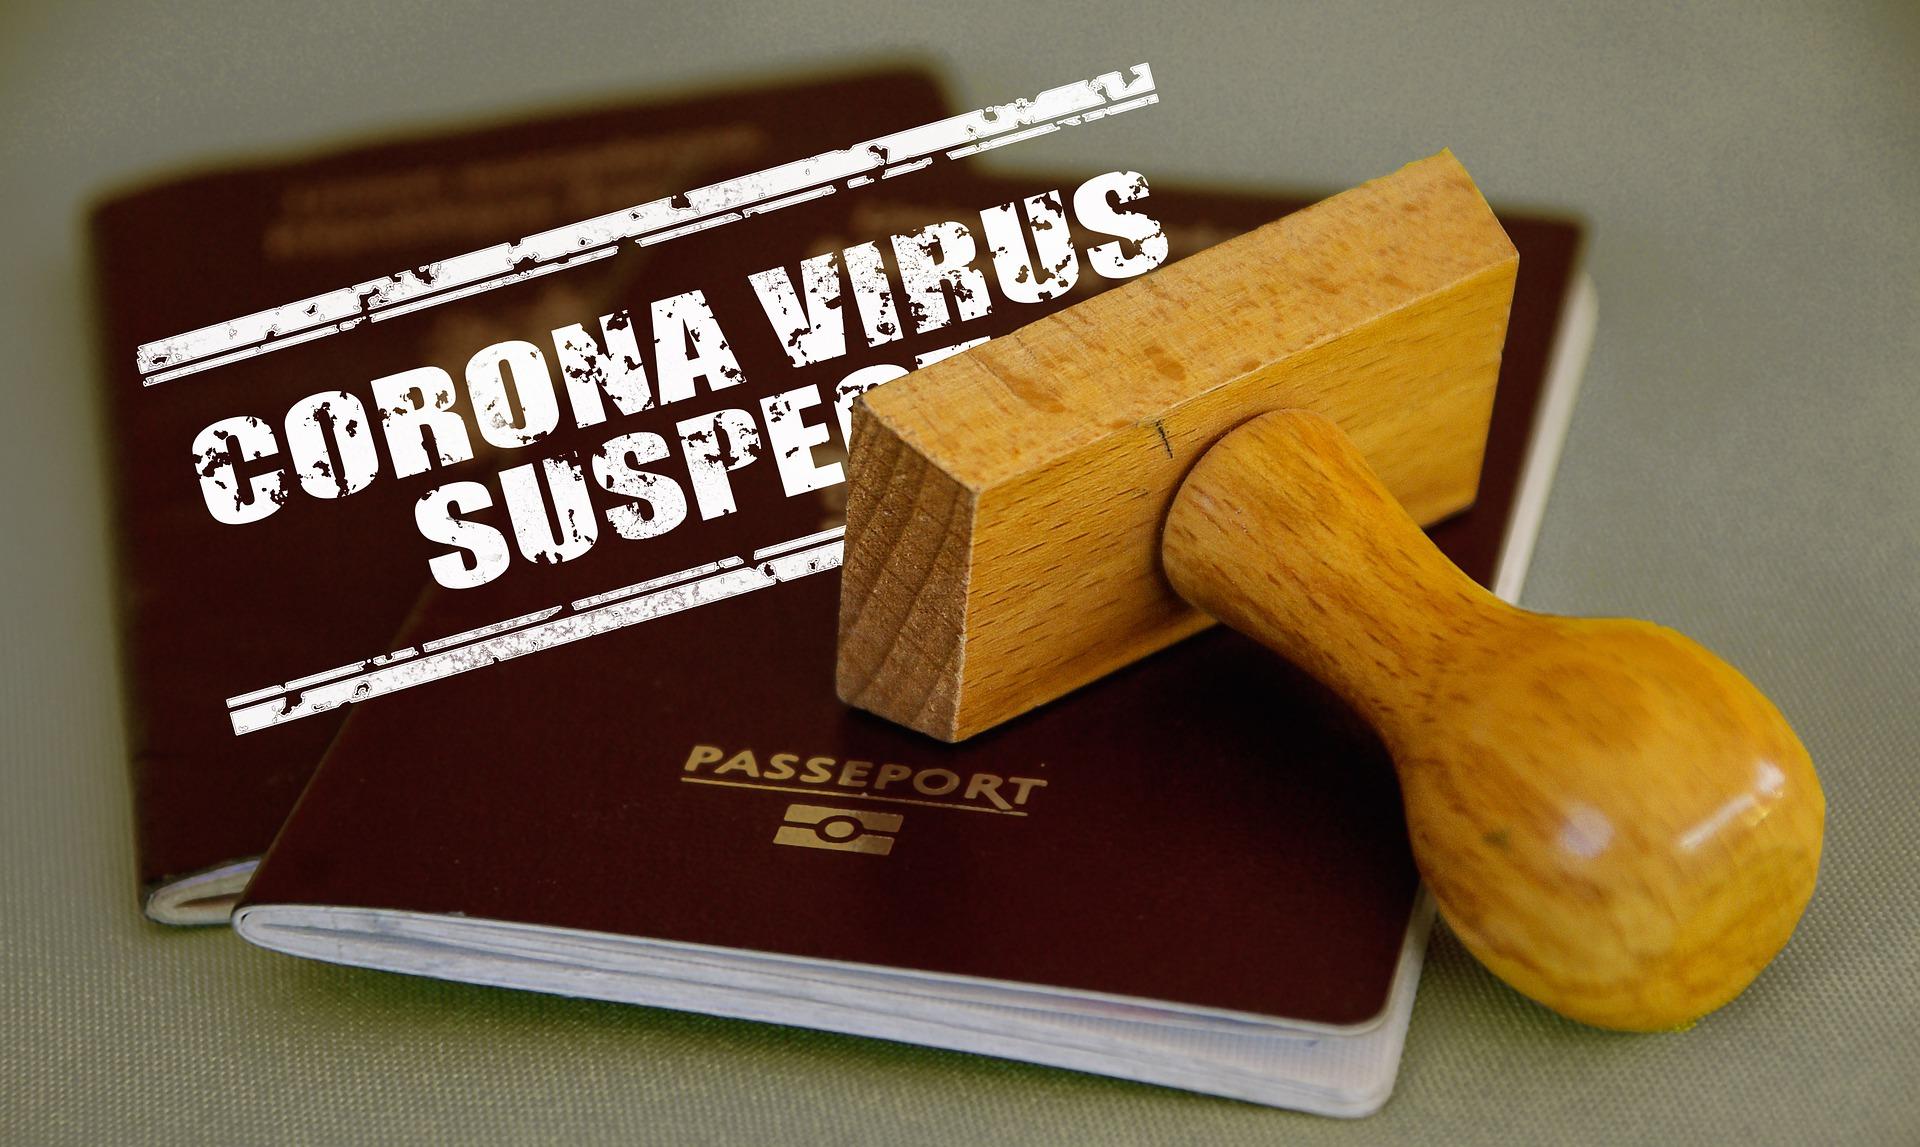 南米, ペルー, クスコ, コロナ, ウイルス, COVID-19, 非常事態宣言